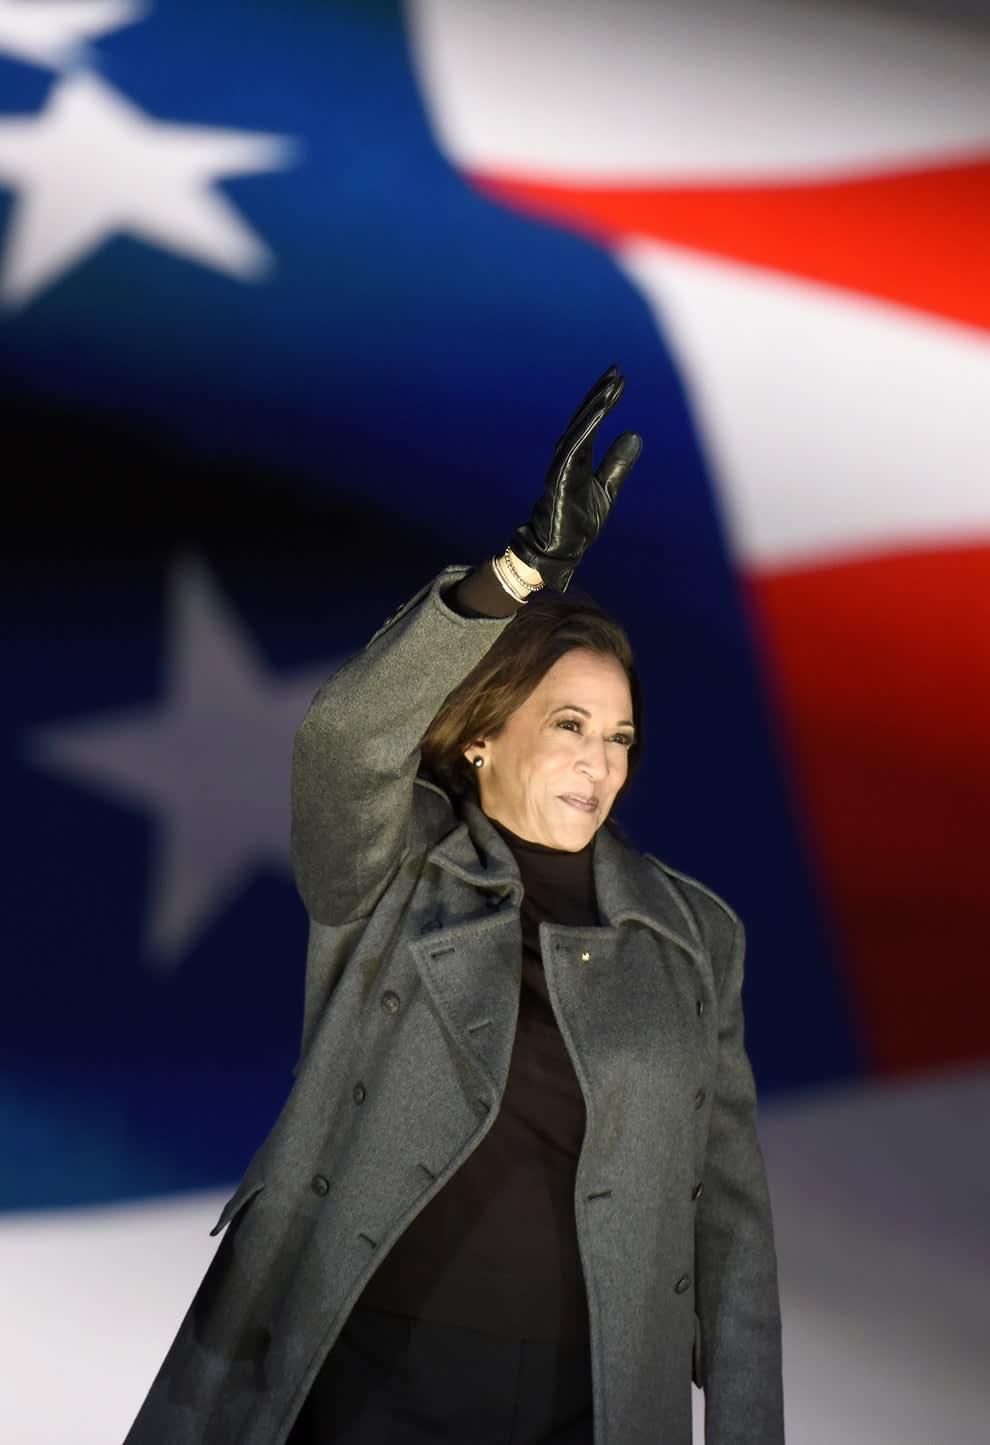 Kamala Harris acenando em frente a uma bandeira dos EUA.